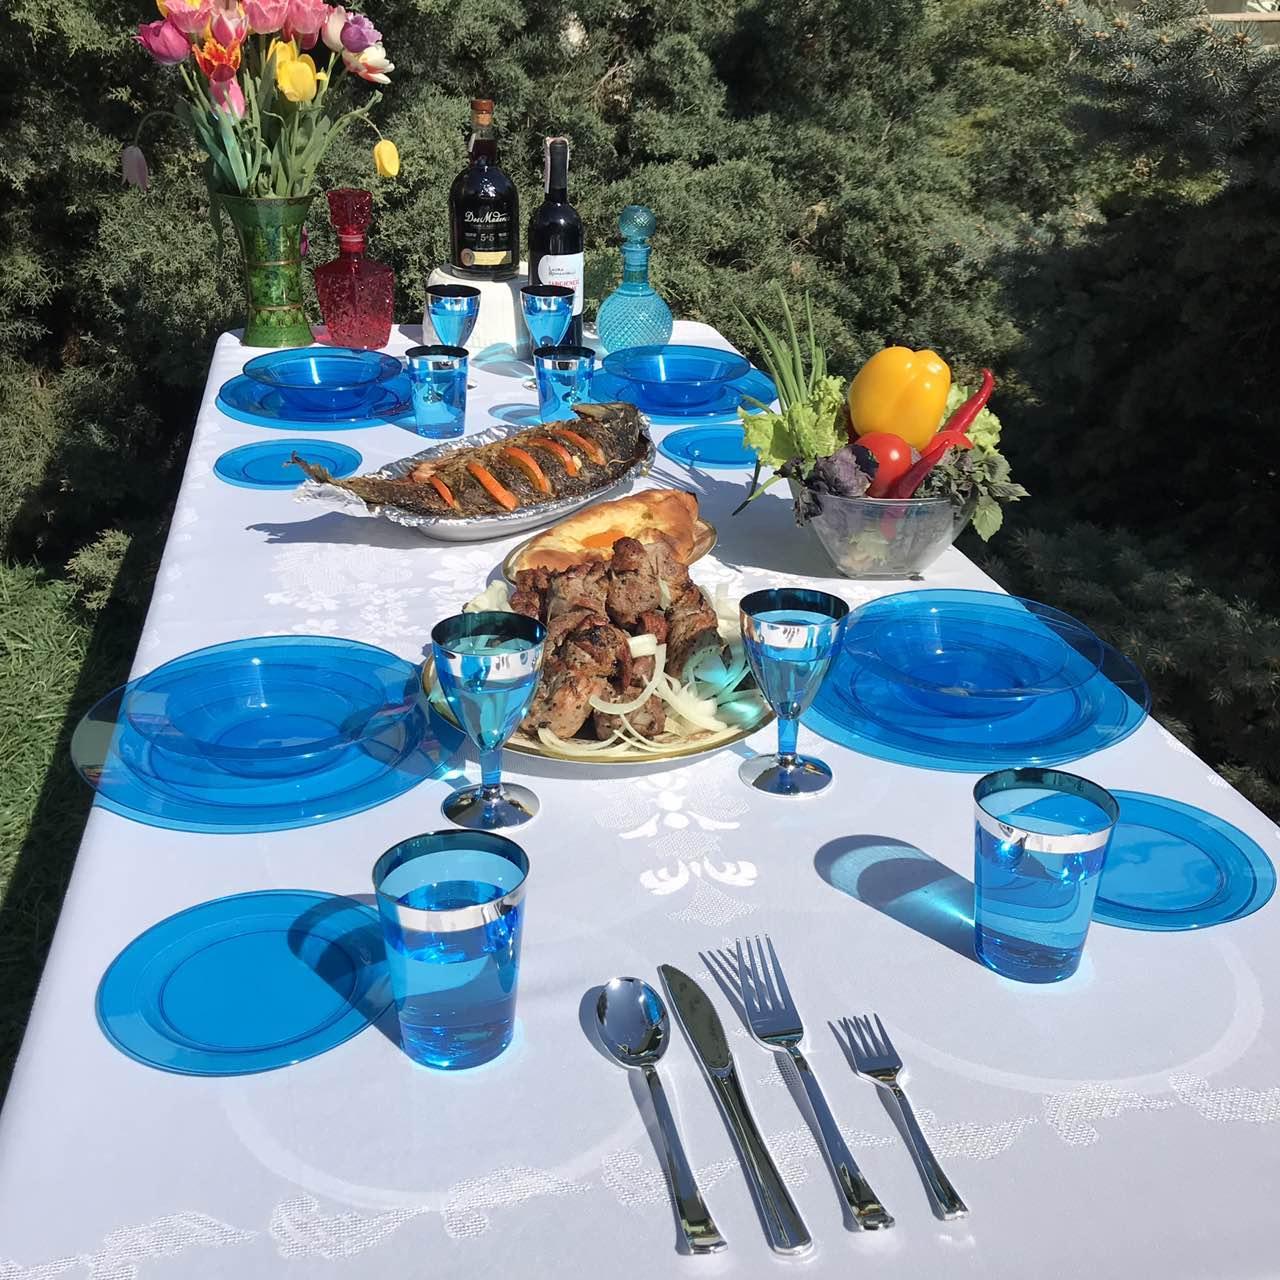 Посуда Capital For People пластиковая многоразовая плотная для пикника. Полная сервировка стола 90 шт 6 чел